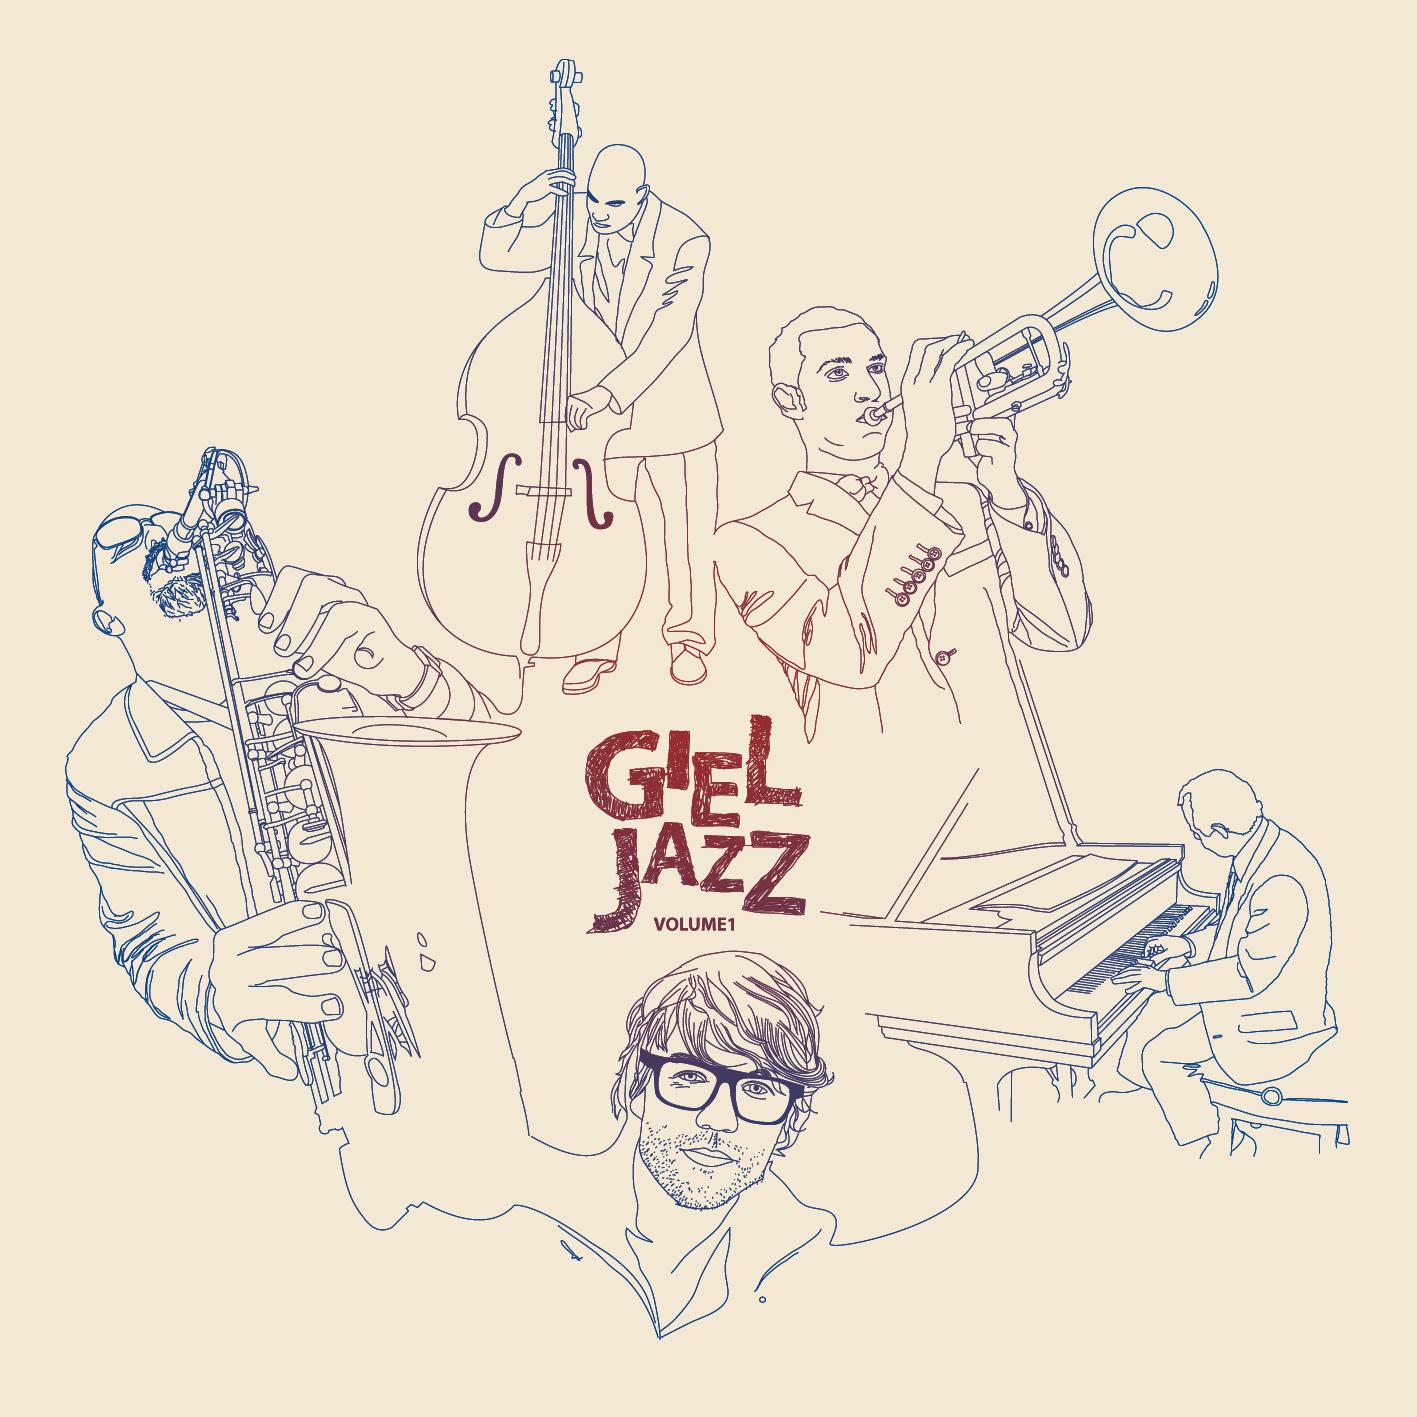 Afbeelding 1 van 2 - Giel Beelen Jazz CD Cover illustratie